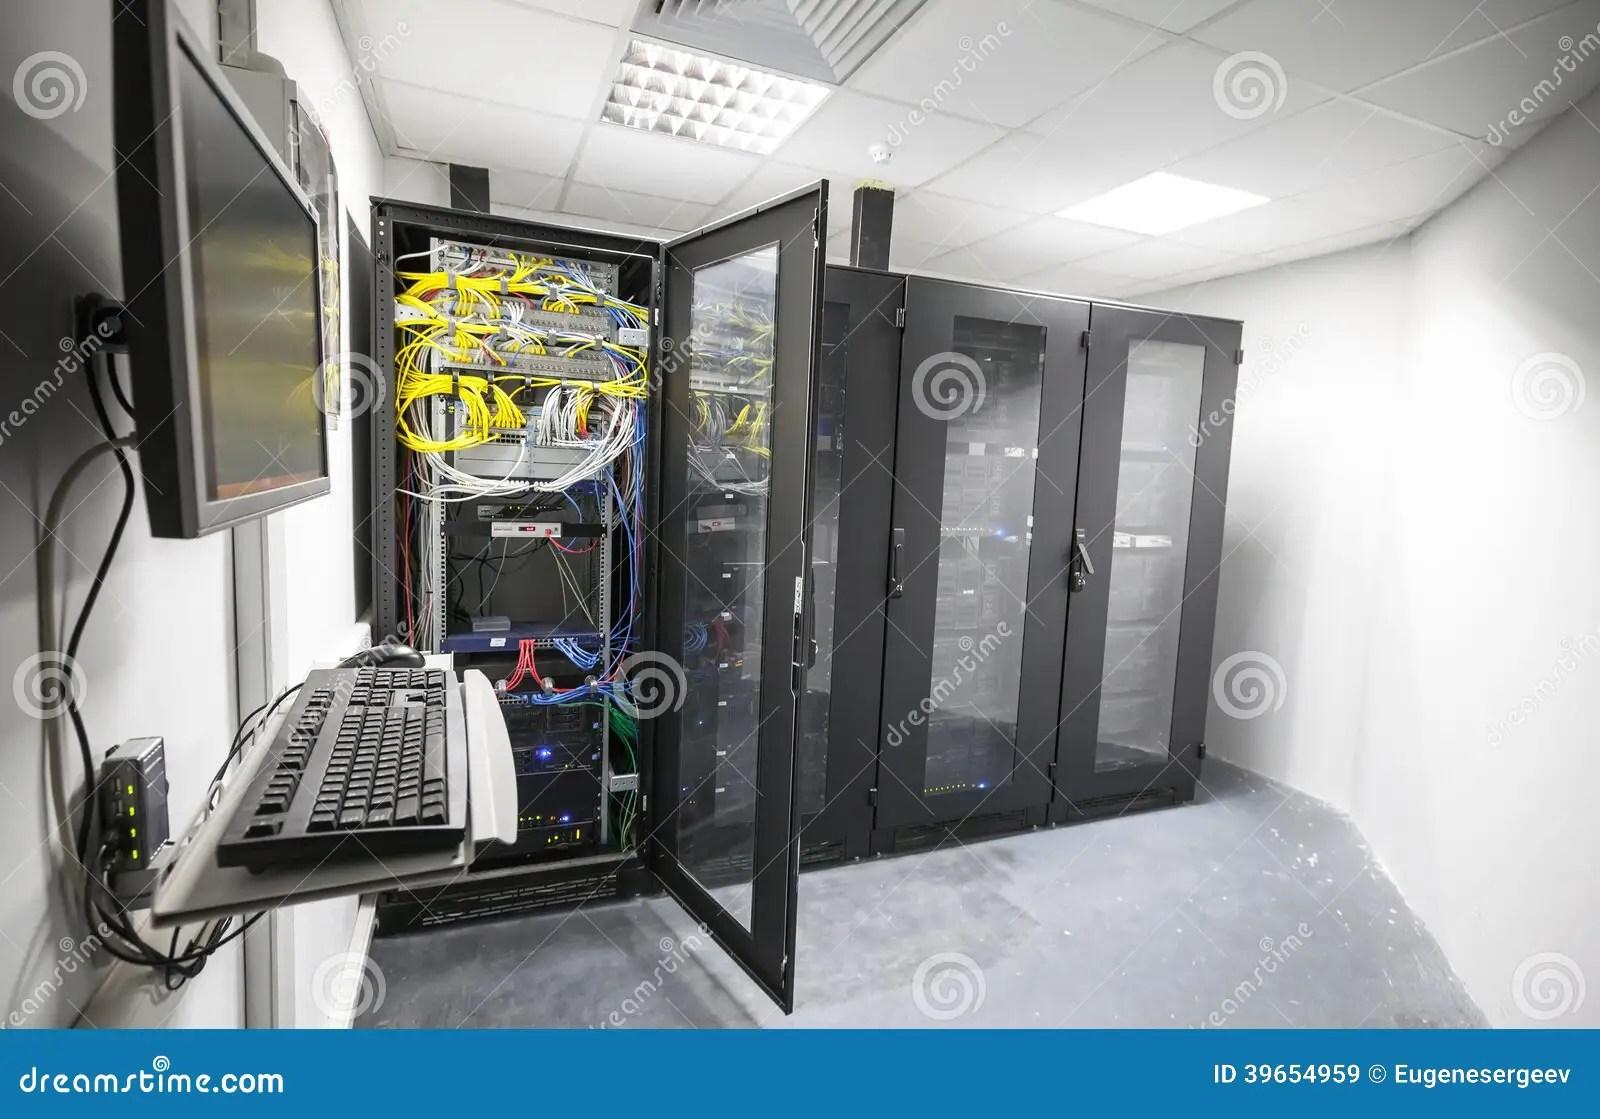 Web Security Database